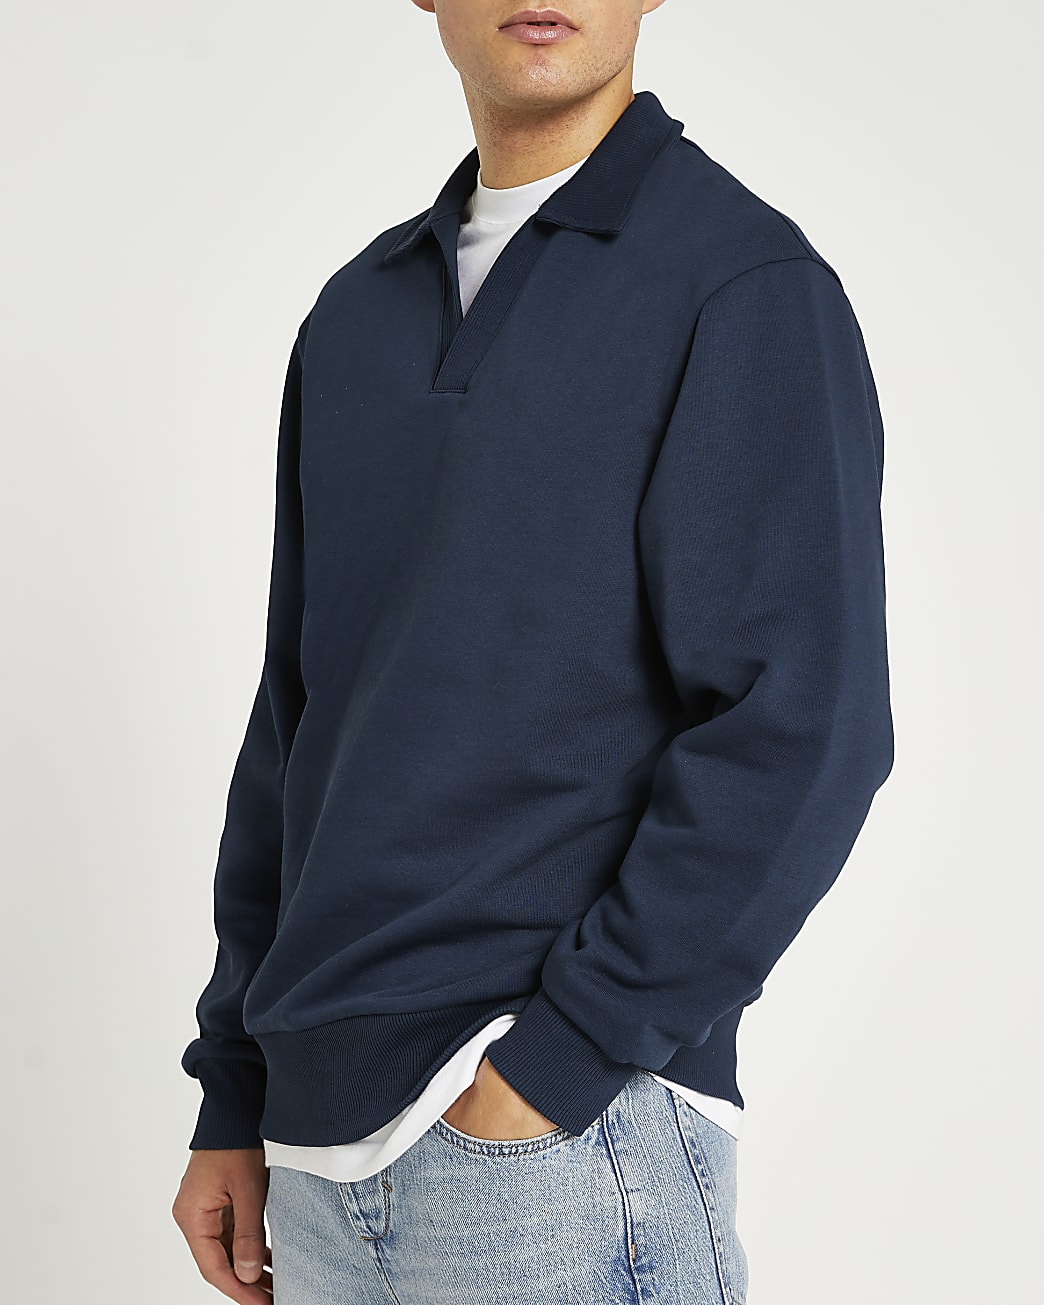 Navy regular fit v neck collared sweatshirt